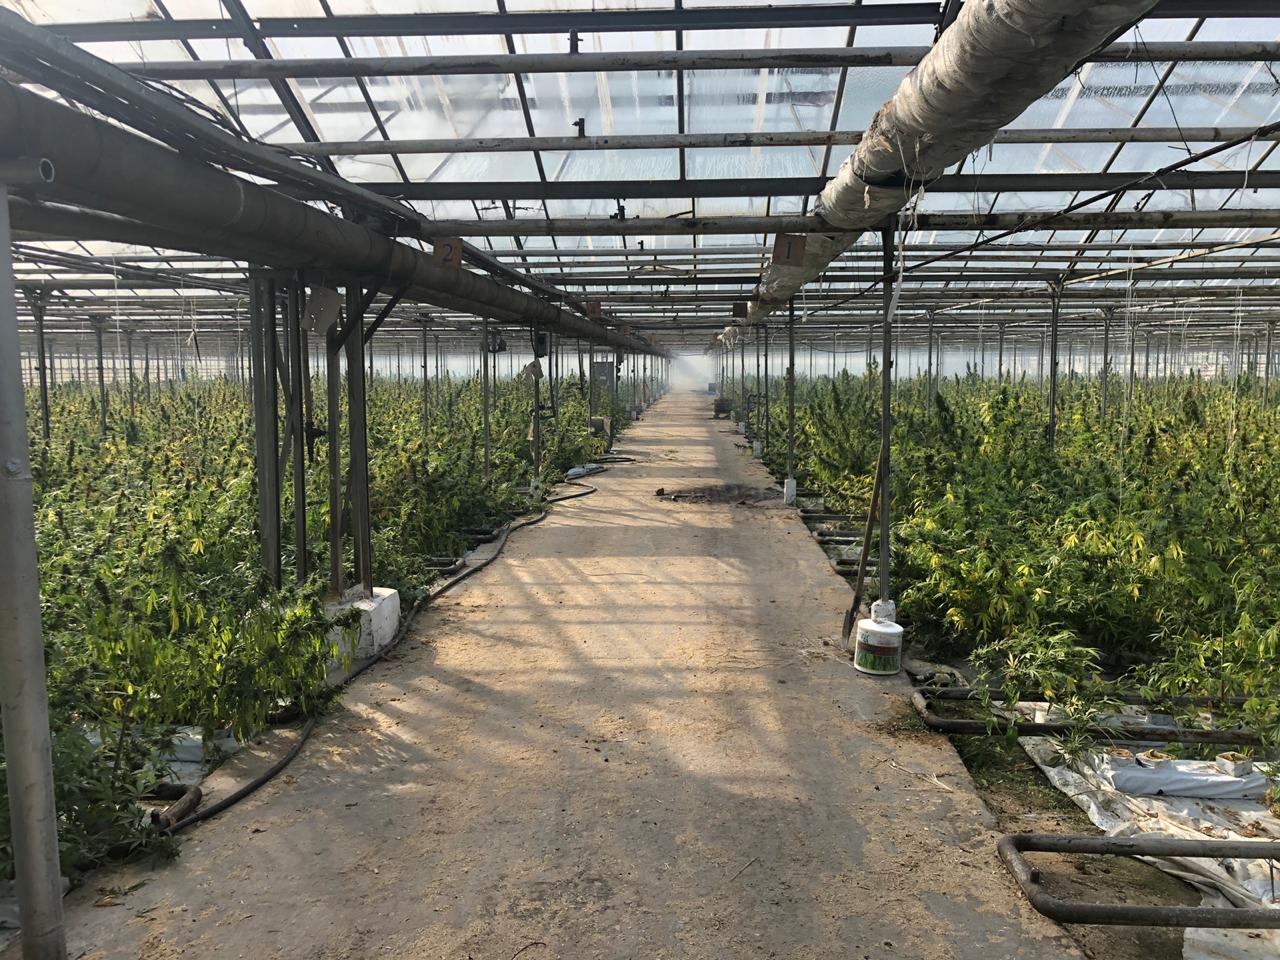 """""""Зроблено по фен-шуй"""": нардеп-садівник з Прикарпаття про вирощування марихуани у теплицях на Косівщині"""